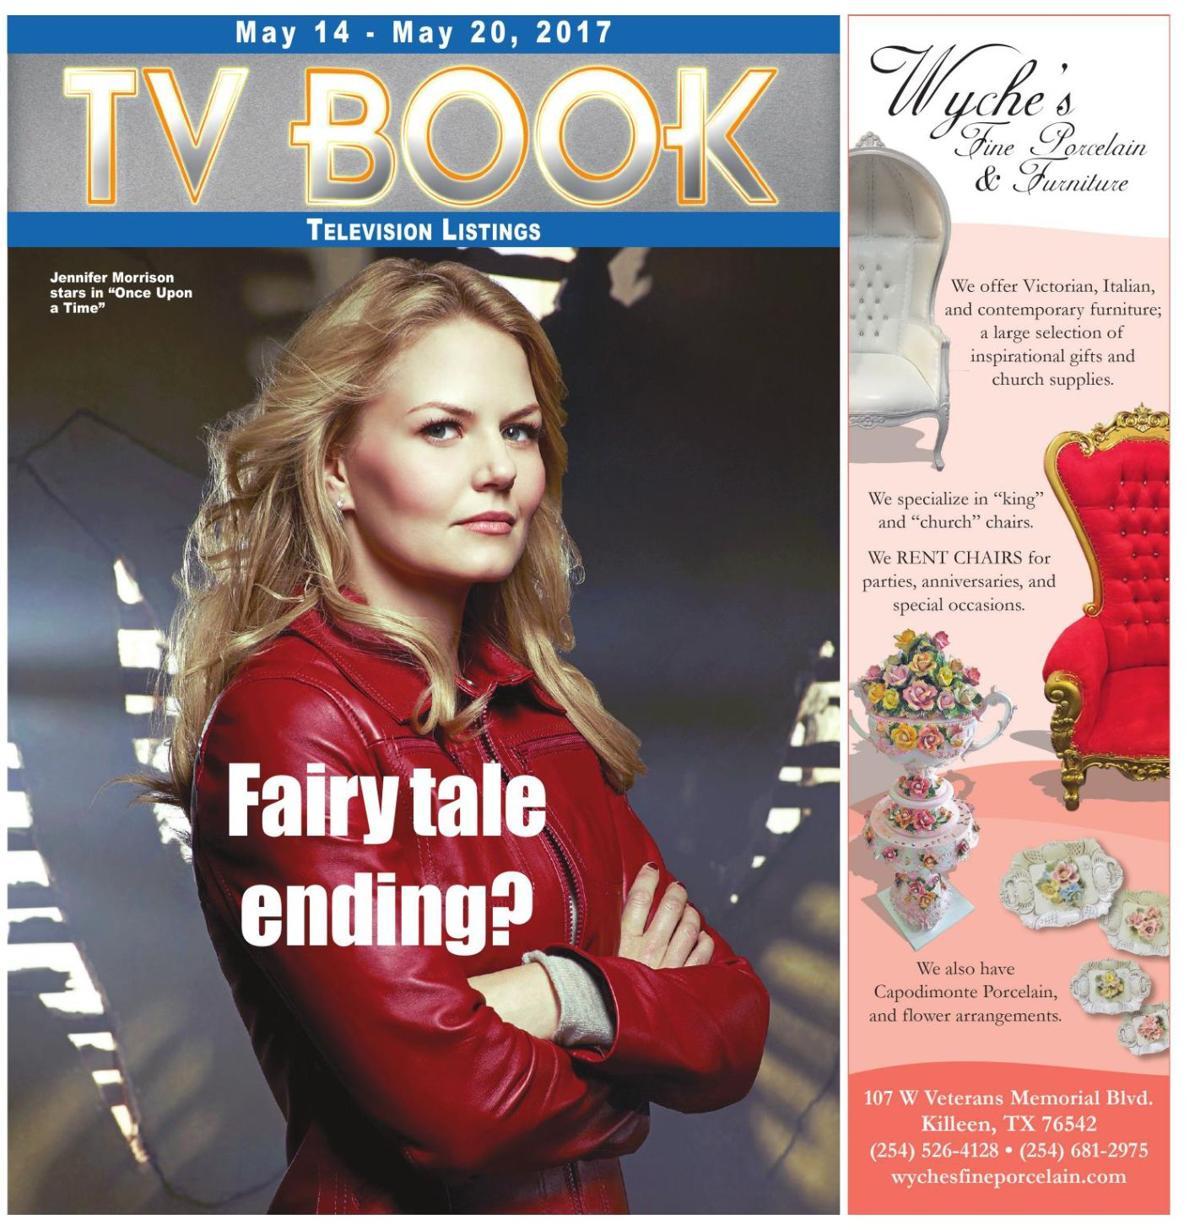 TV Book May 14th - May 20th